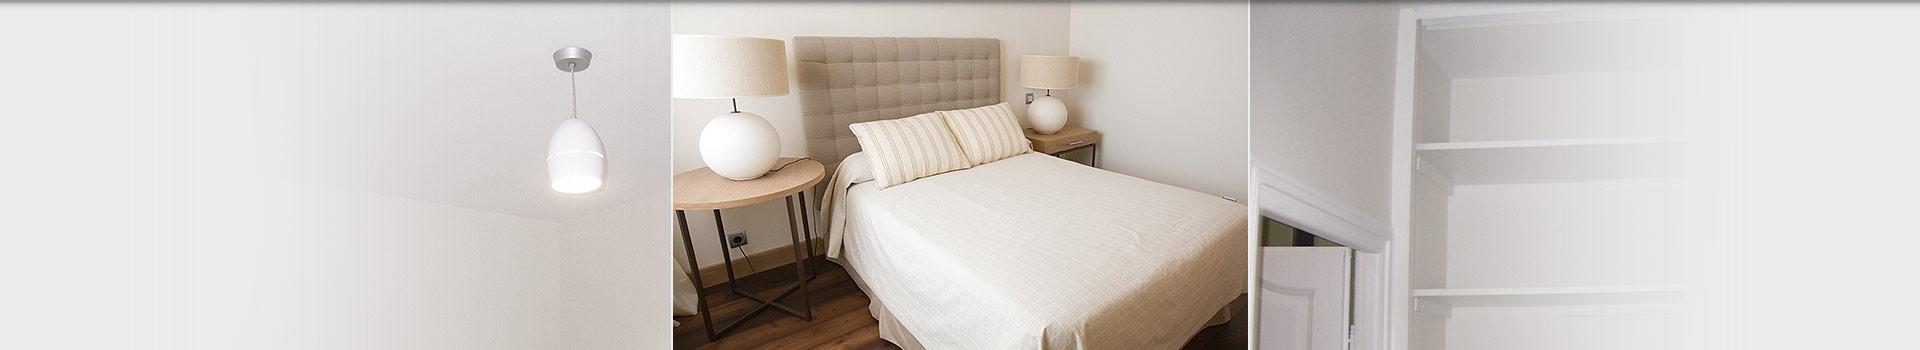 renovation-appartement-paris-75004